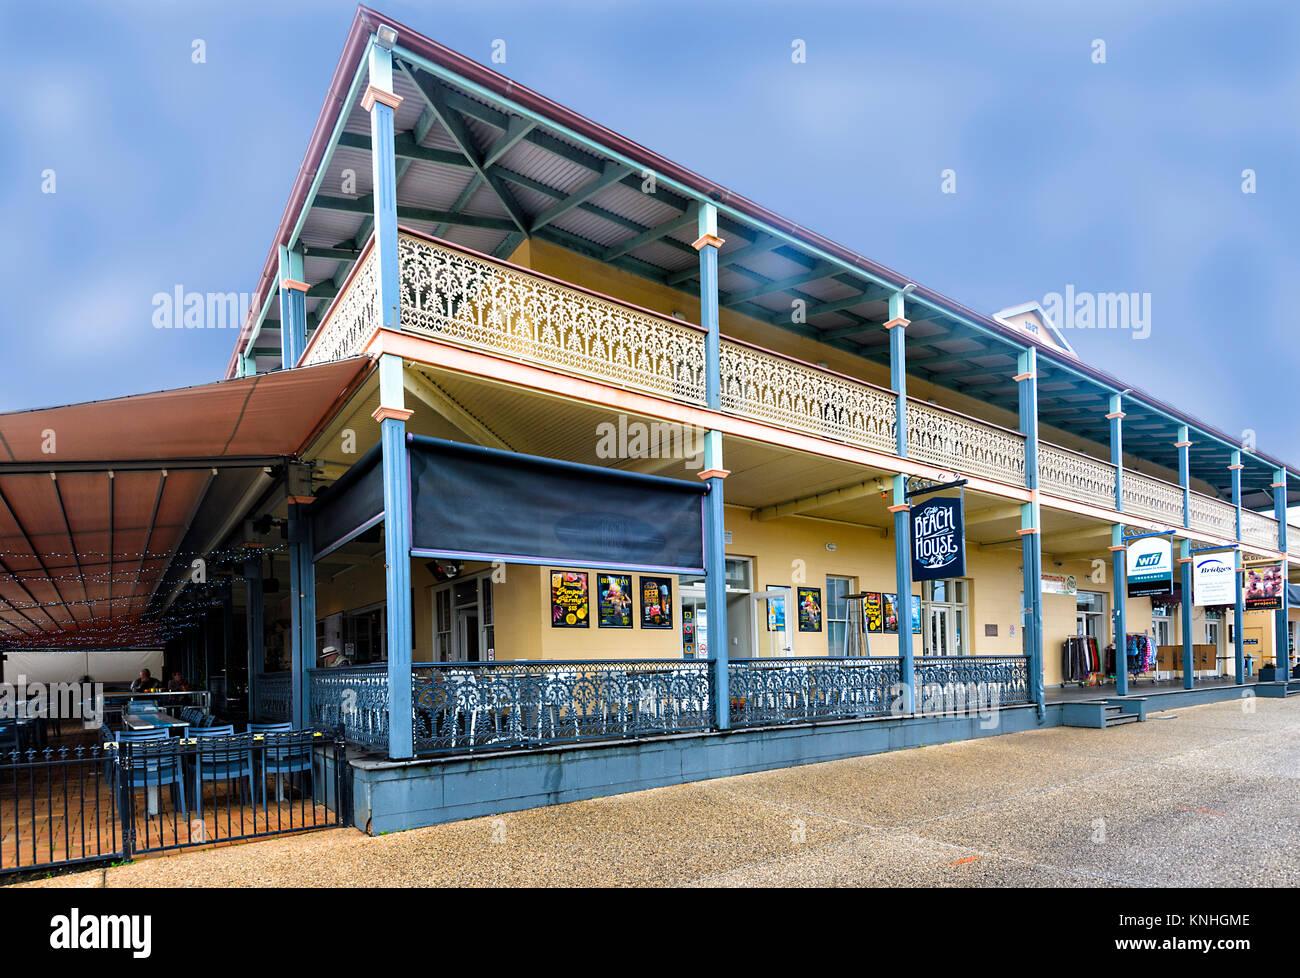 Beau bâtiment de l'historique Royal Hôtel à Port Macquarie, New South Wales, NSW, Australie Photo Stock